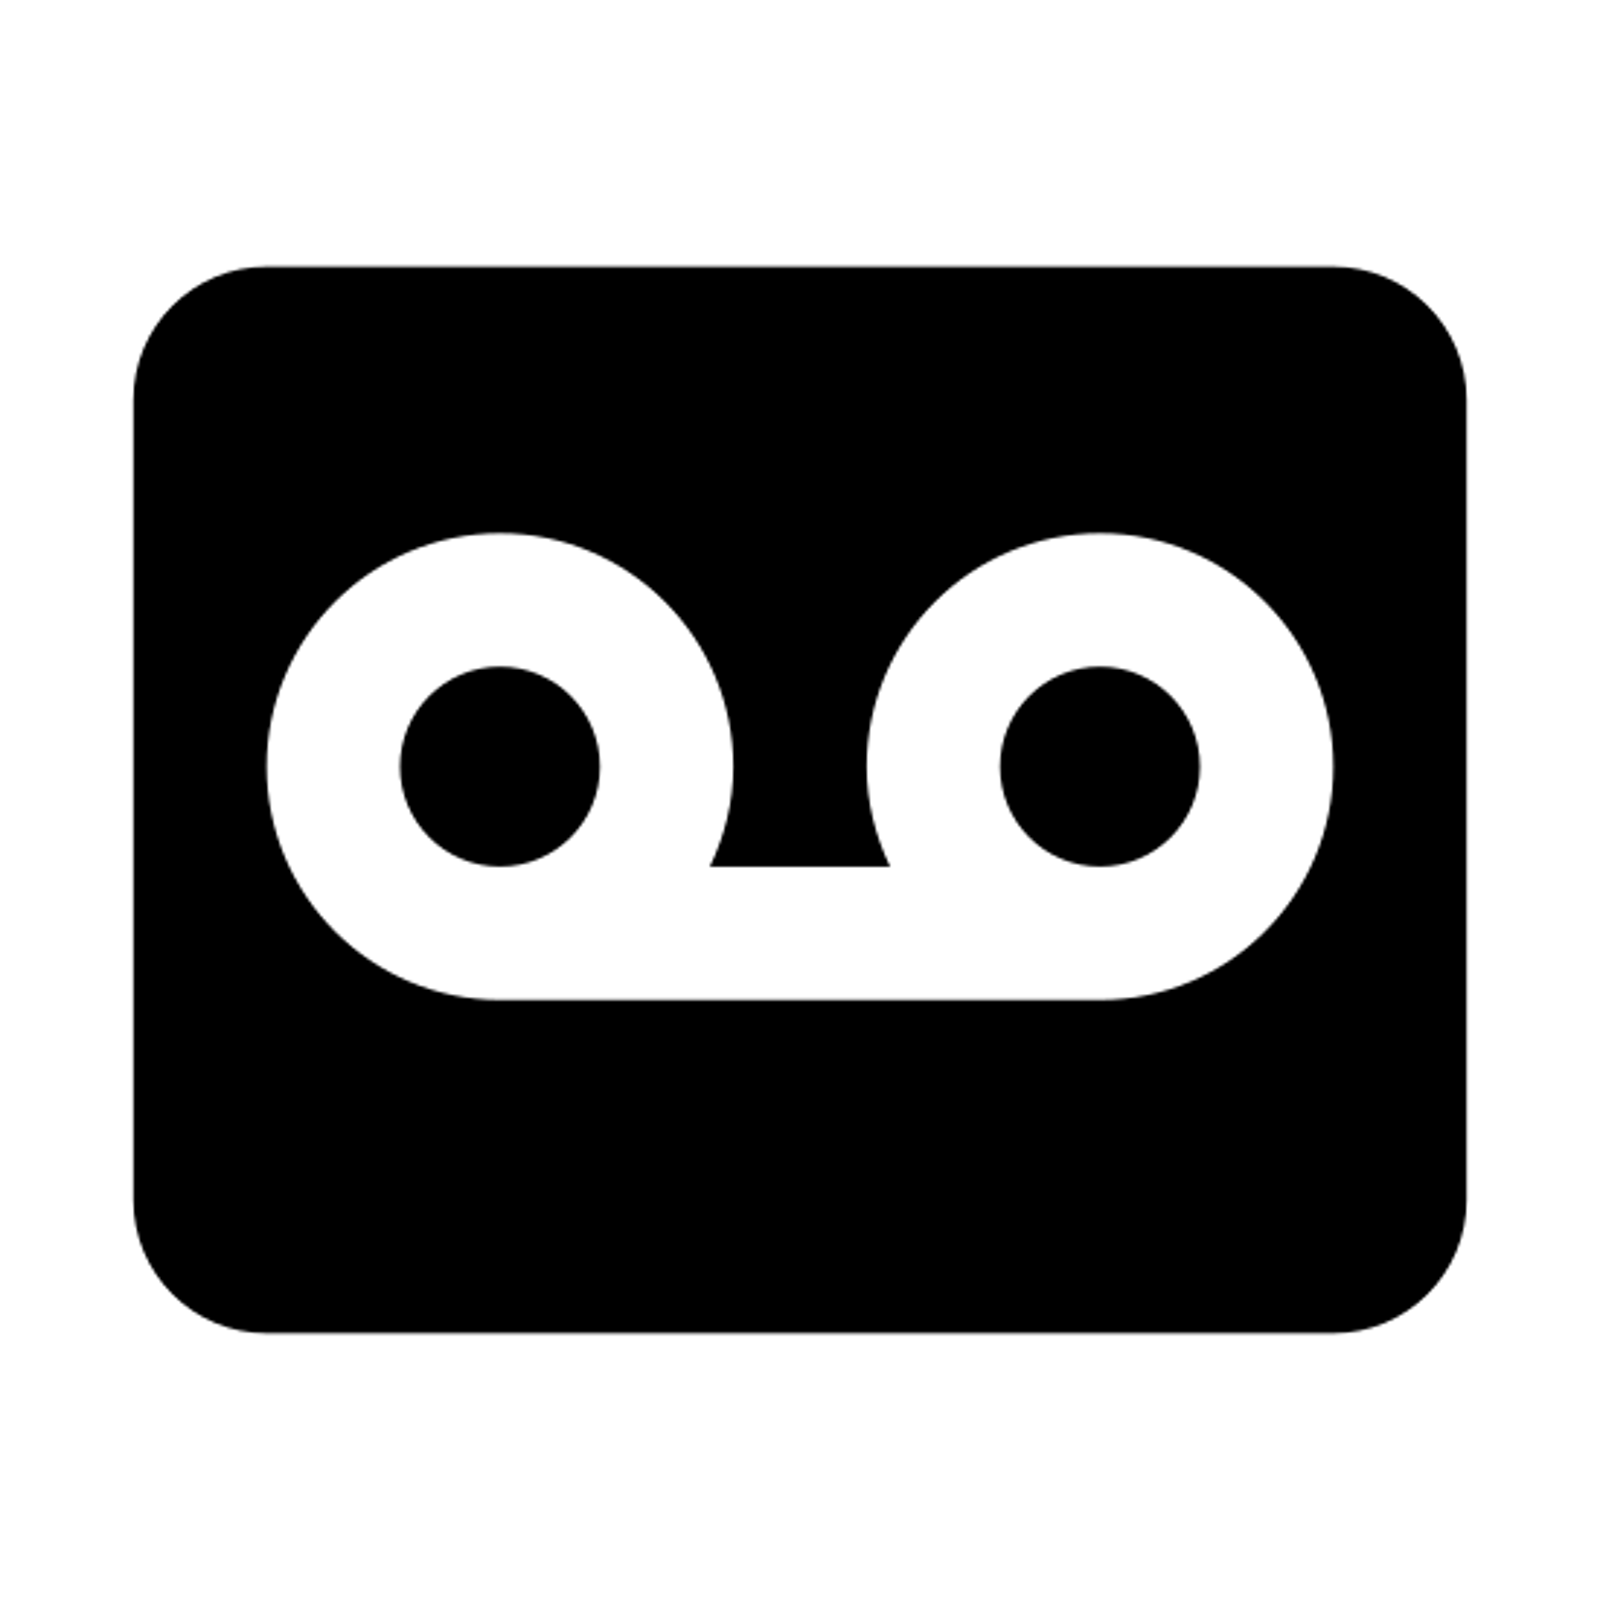 テープドライブ icon